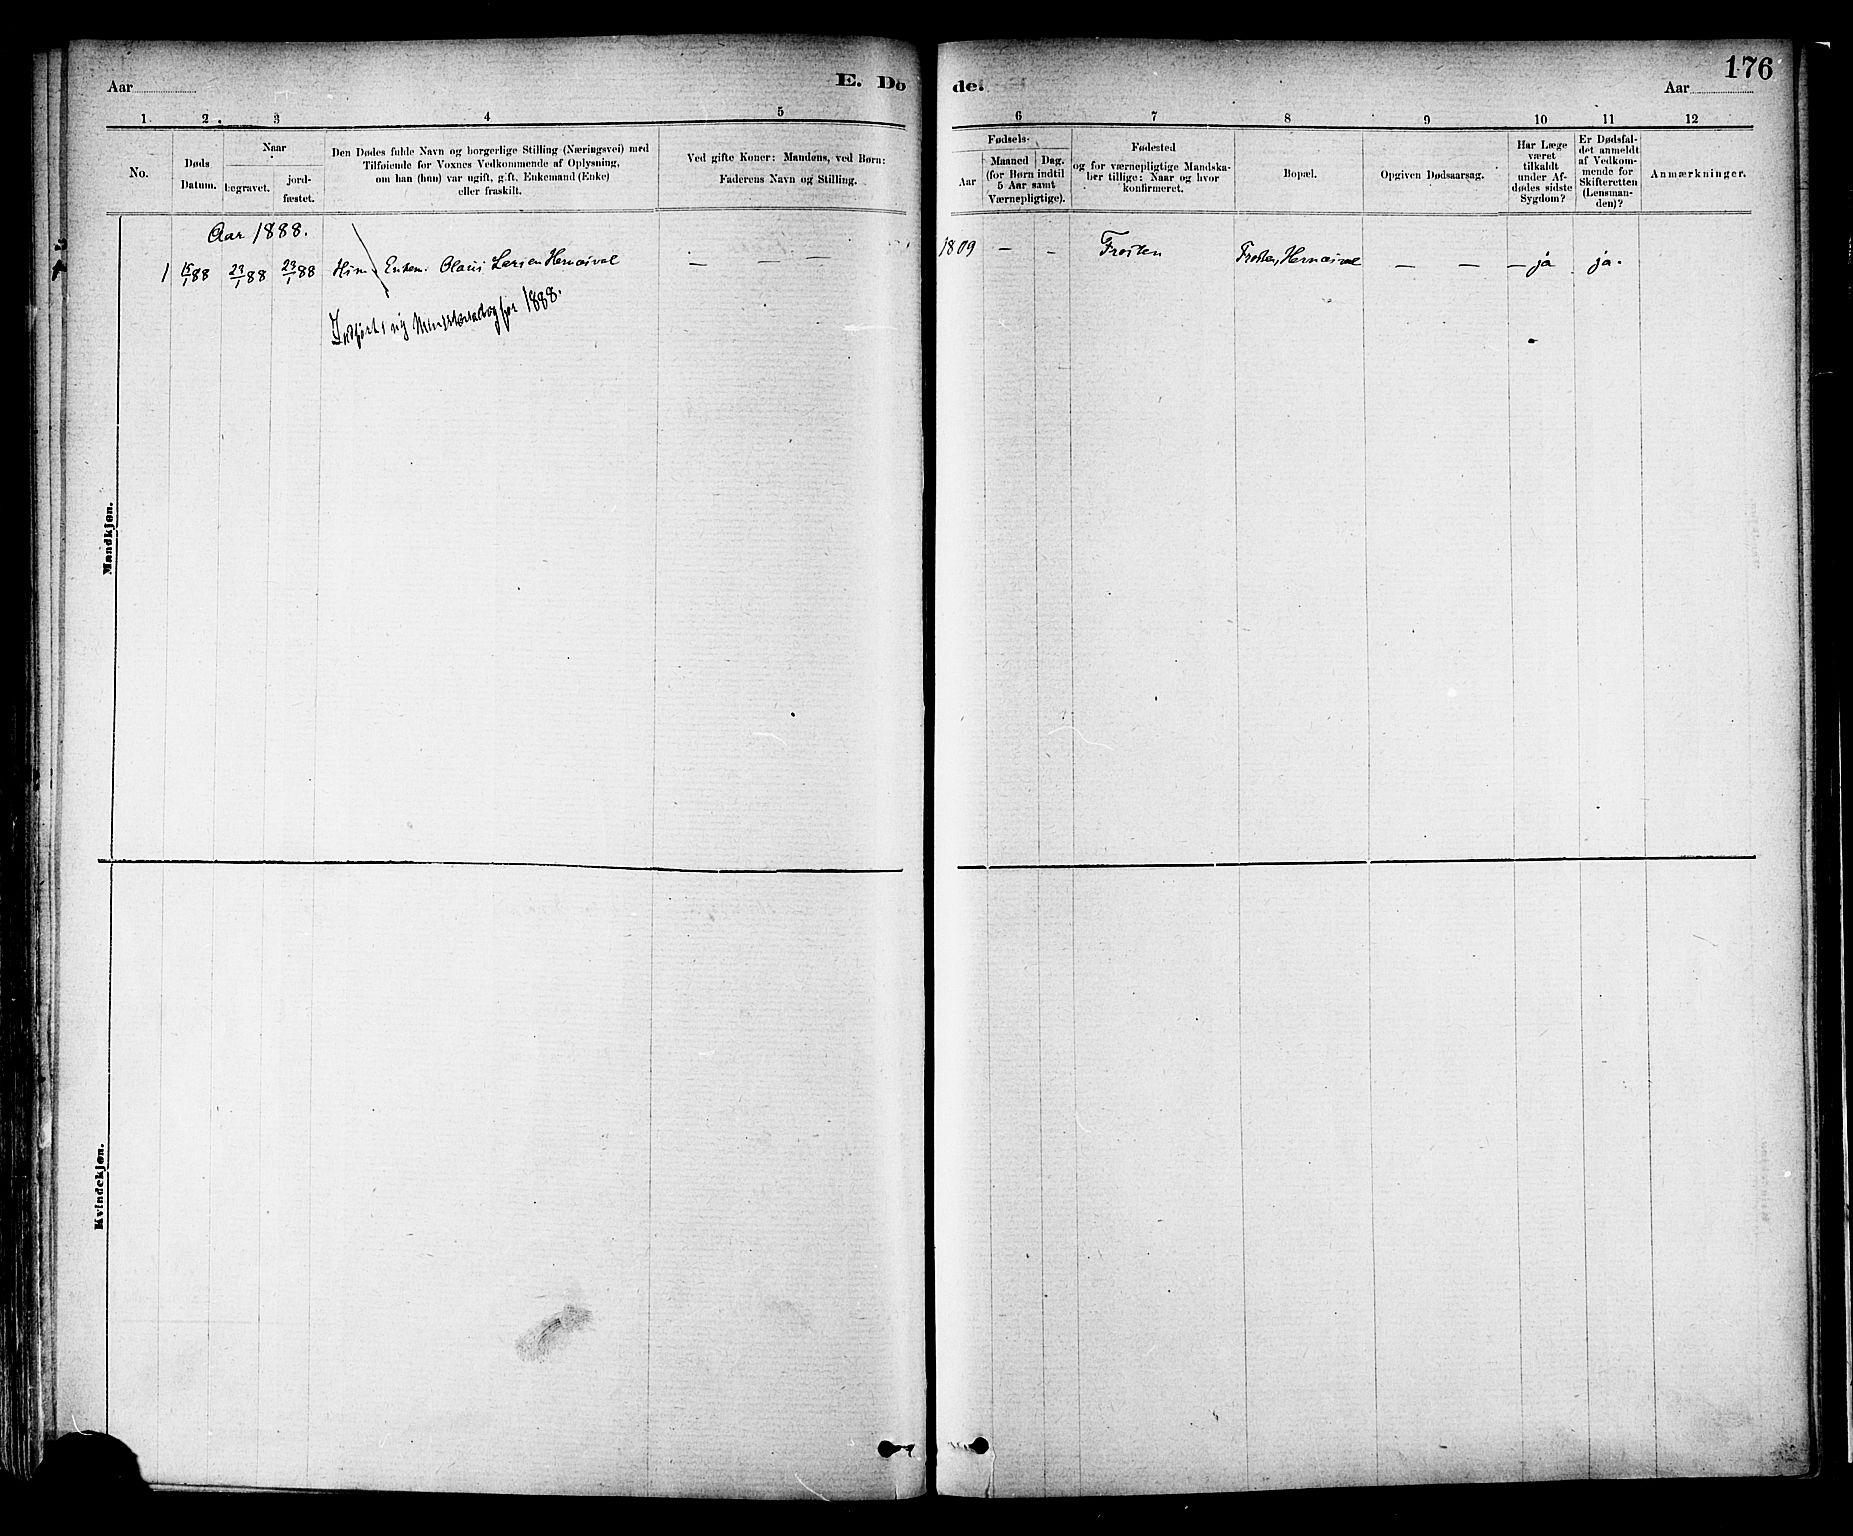 SAT, Ministerialprotokoller, klokkerbøker og fødselsregistre - Nord-Trøndelag, 713/L0120: Ministerialbok nr. 713A09, 1878-1887, s. 176